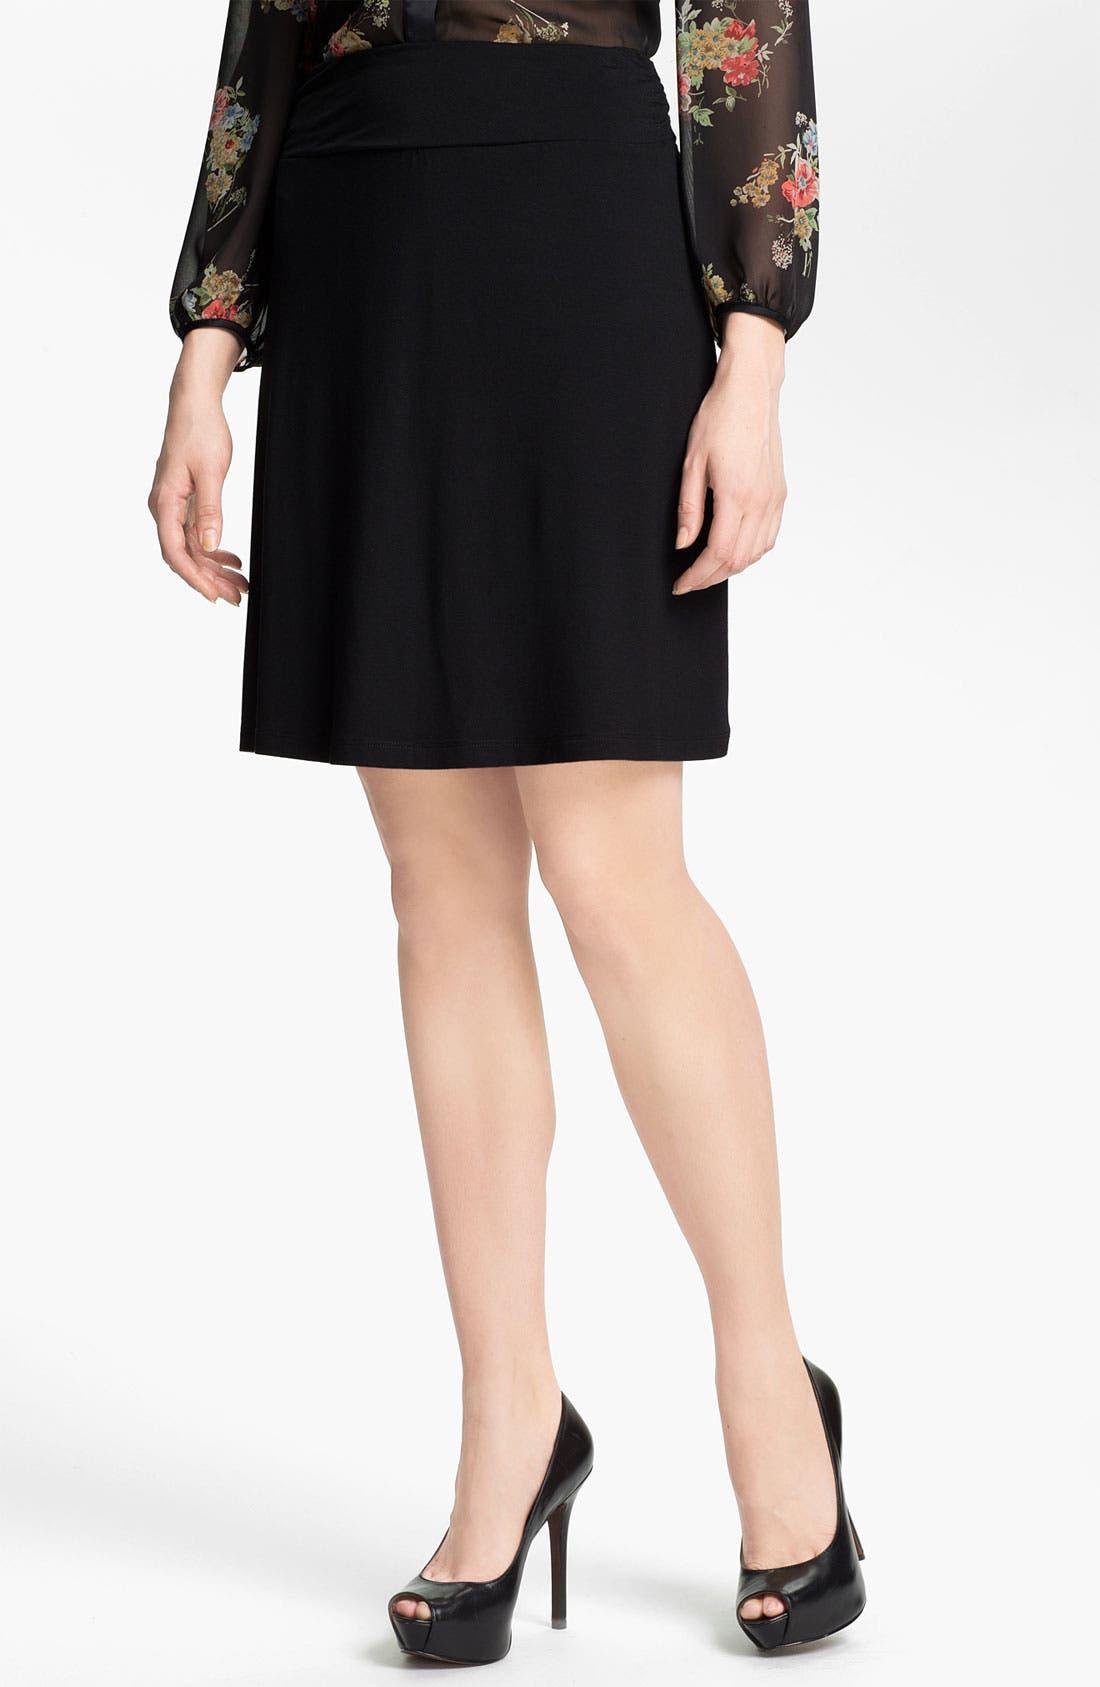 Alternate Image 1 Selected - Caslon® Short Knit Skirt